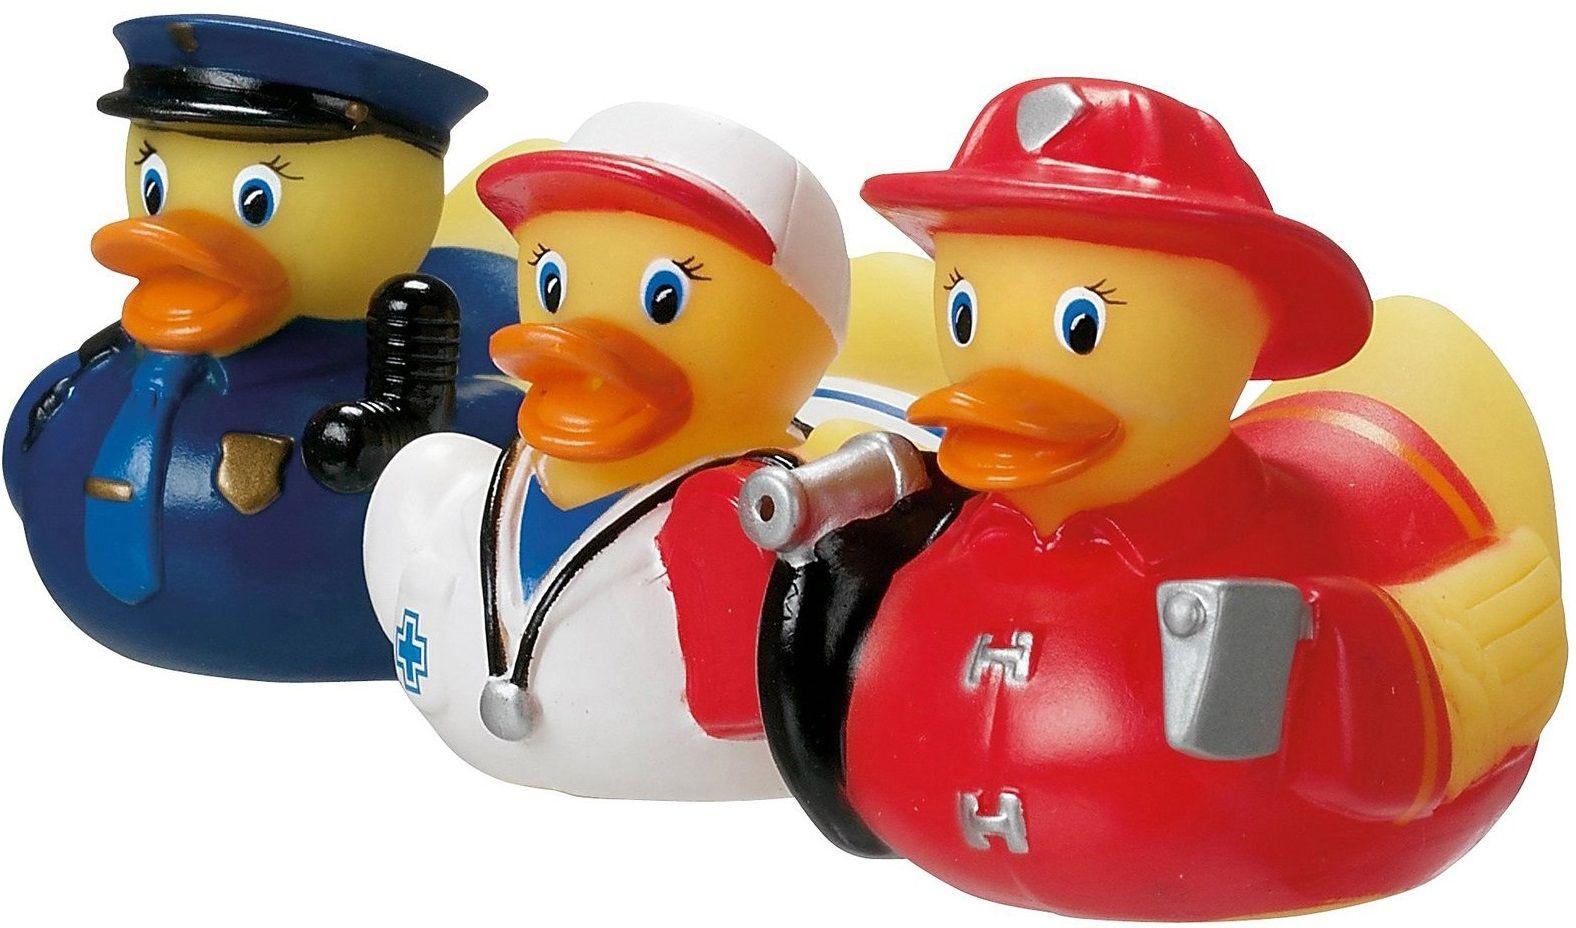 Купить Набор игрушек для ванны Уточки (red), Принадлежности для купания малыша Munchkin, Аксессуары для ванной